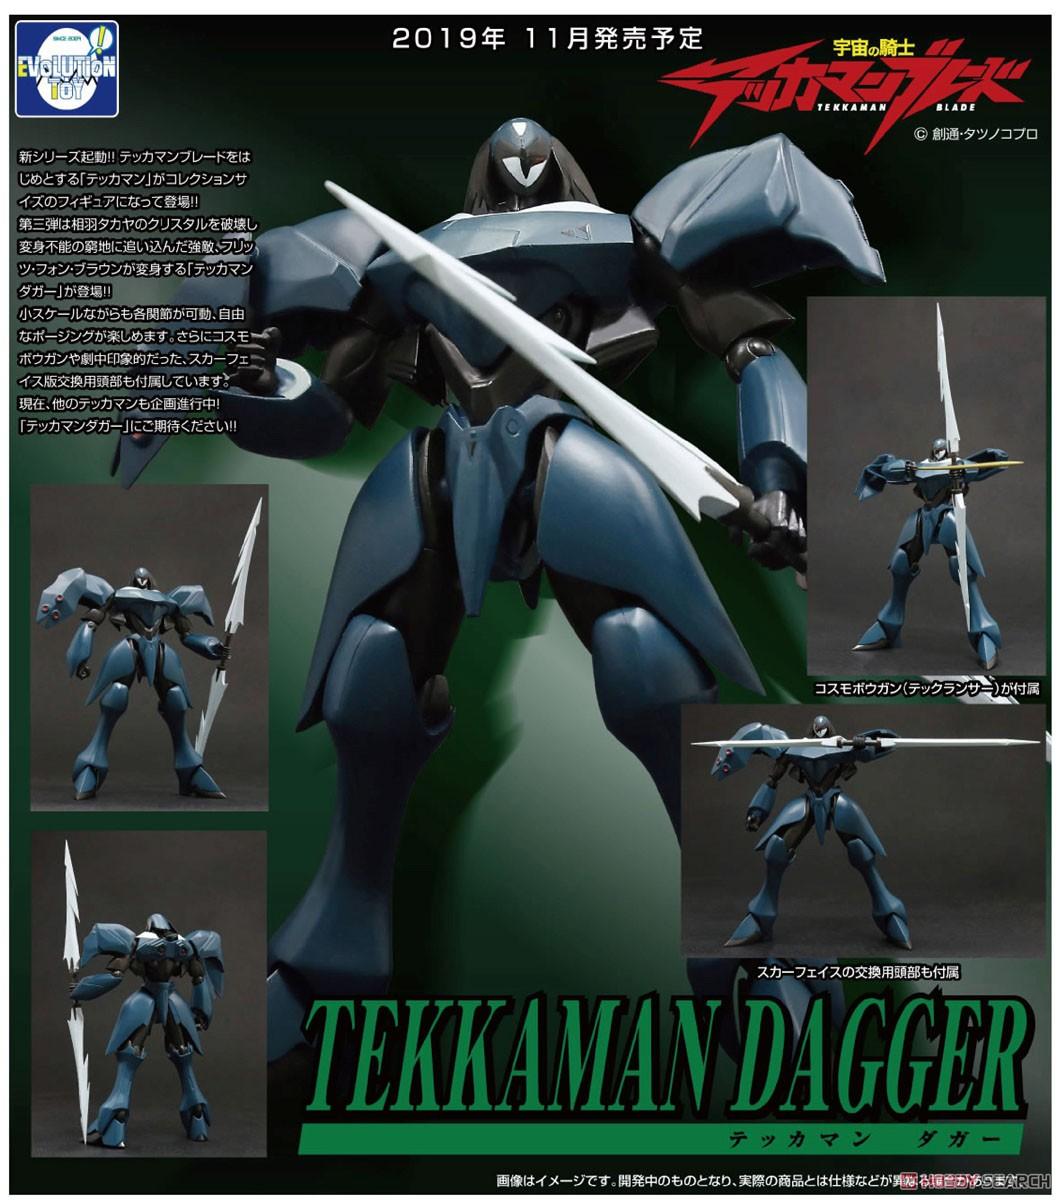 宇宙の騎士テッカマンブレード『テッカマンダガー』可動フィギュア-007